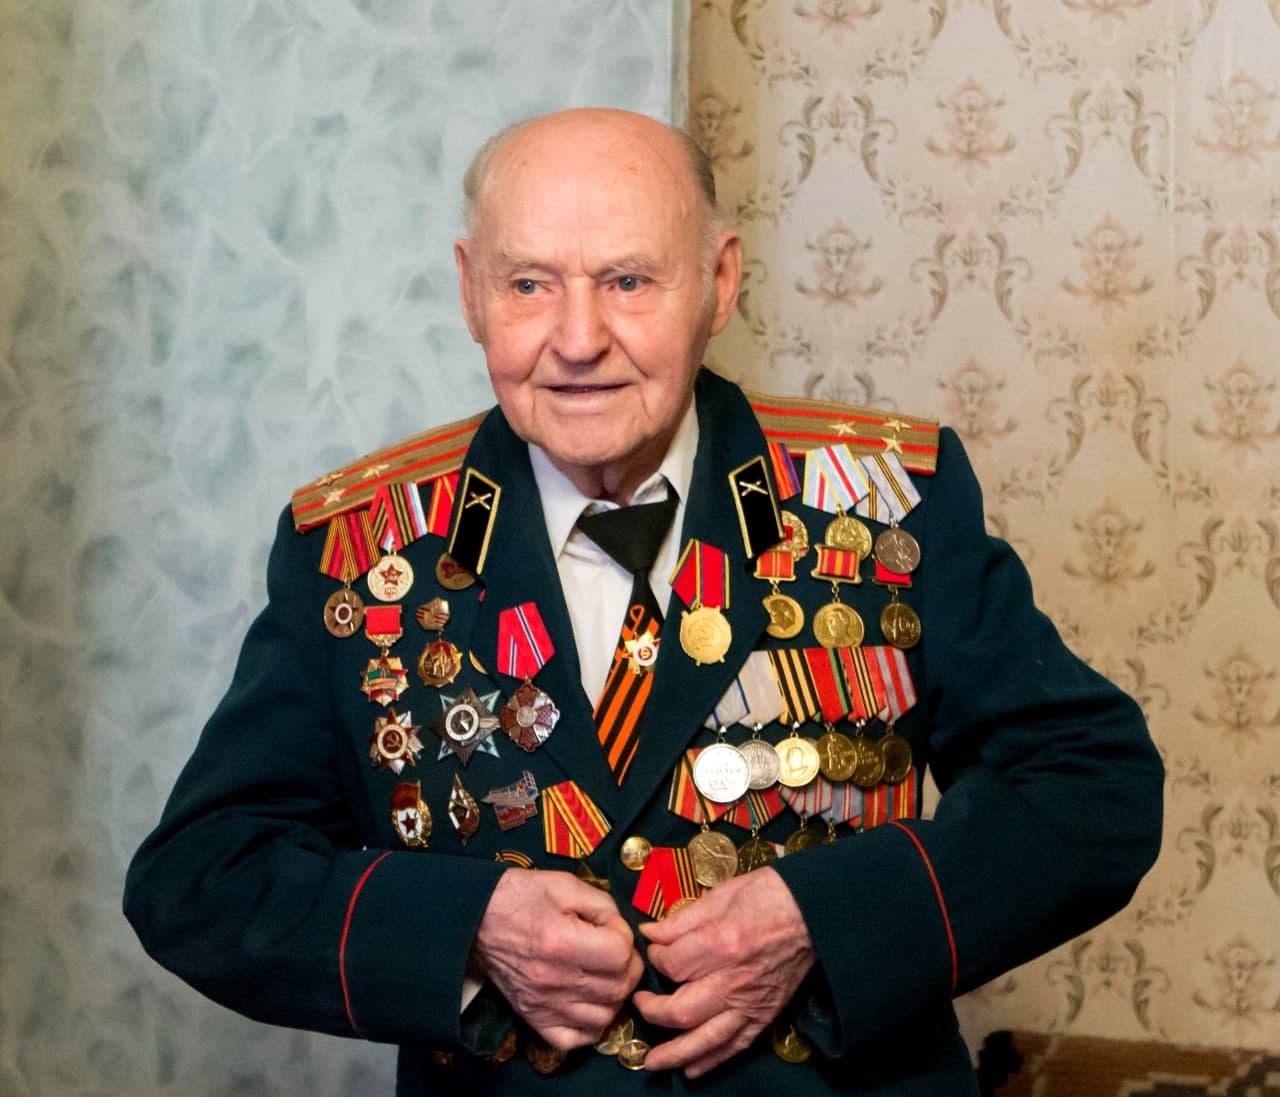 Коломенский ветеран отметил 95-летний юбилей